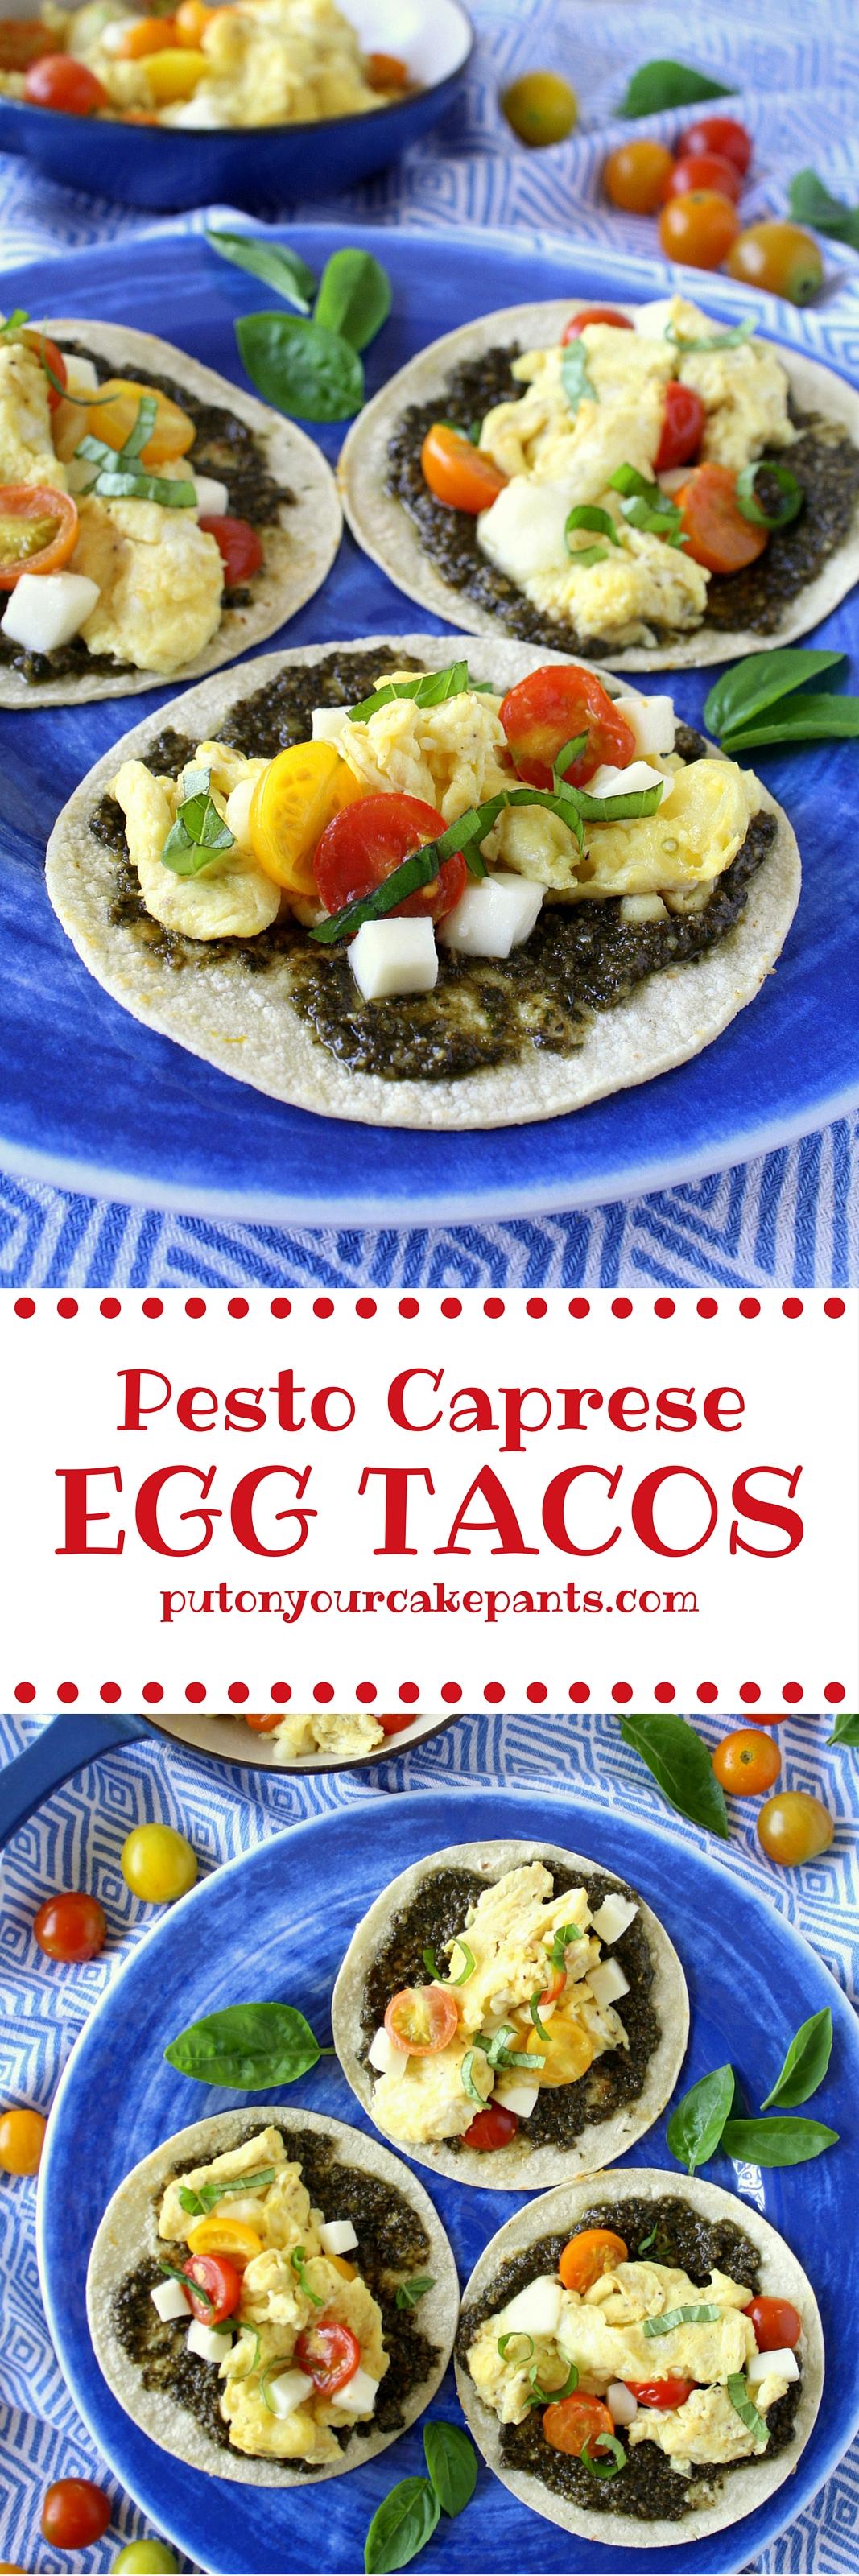 pesto caprese egg tacos